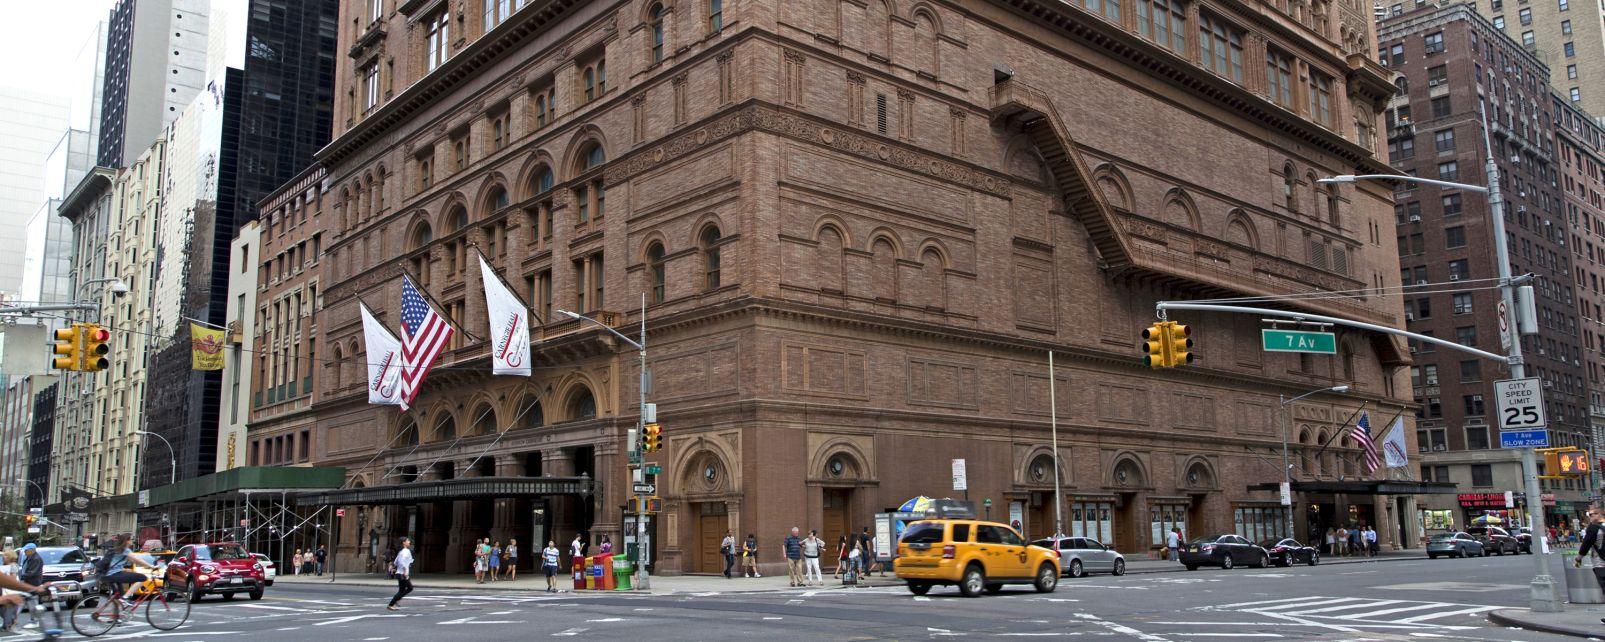 La Canergie hall, Carnegie Hall, Le arti e la cultura, New York, Stati Uniti Nord-Est